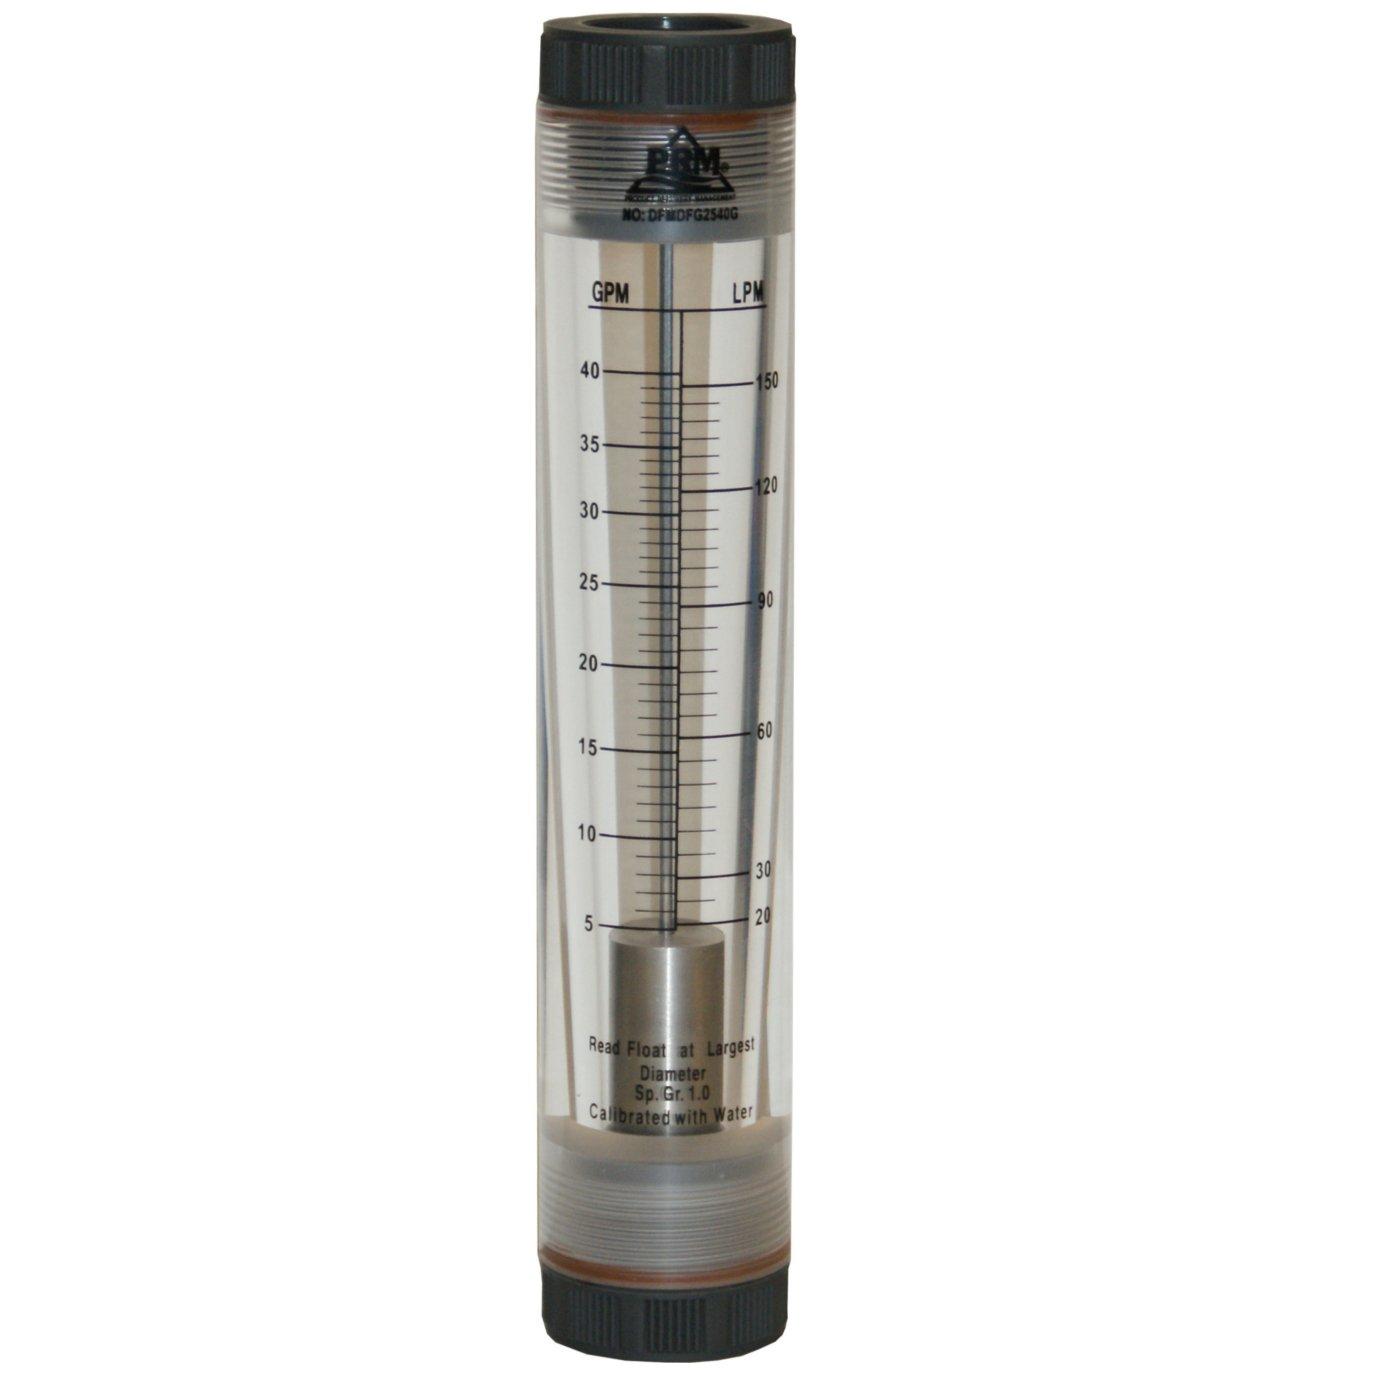 5-40 GPM WATER ROTAMETER FLOW METER; 1'' NPT; VITON SEALS;UV RESISTANT